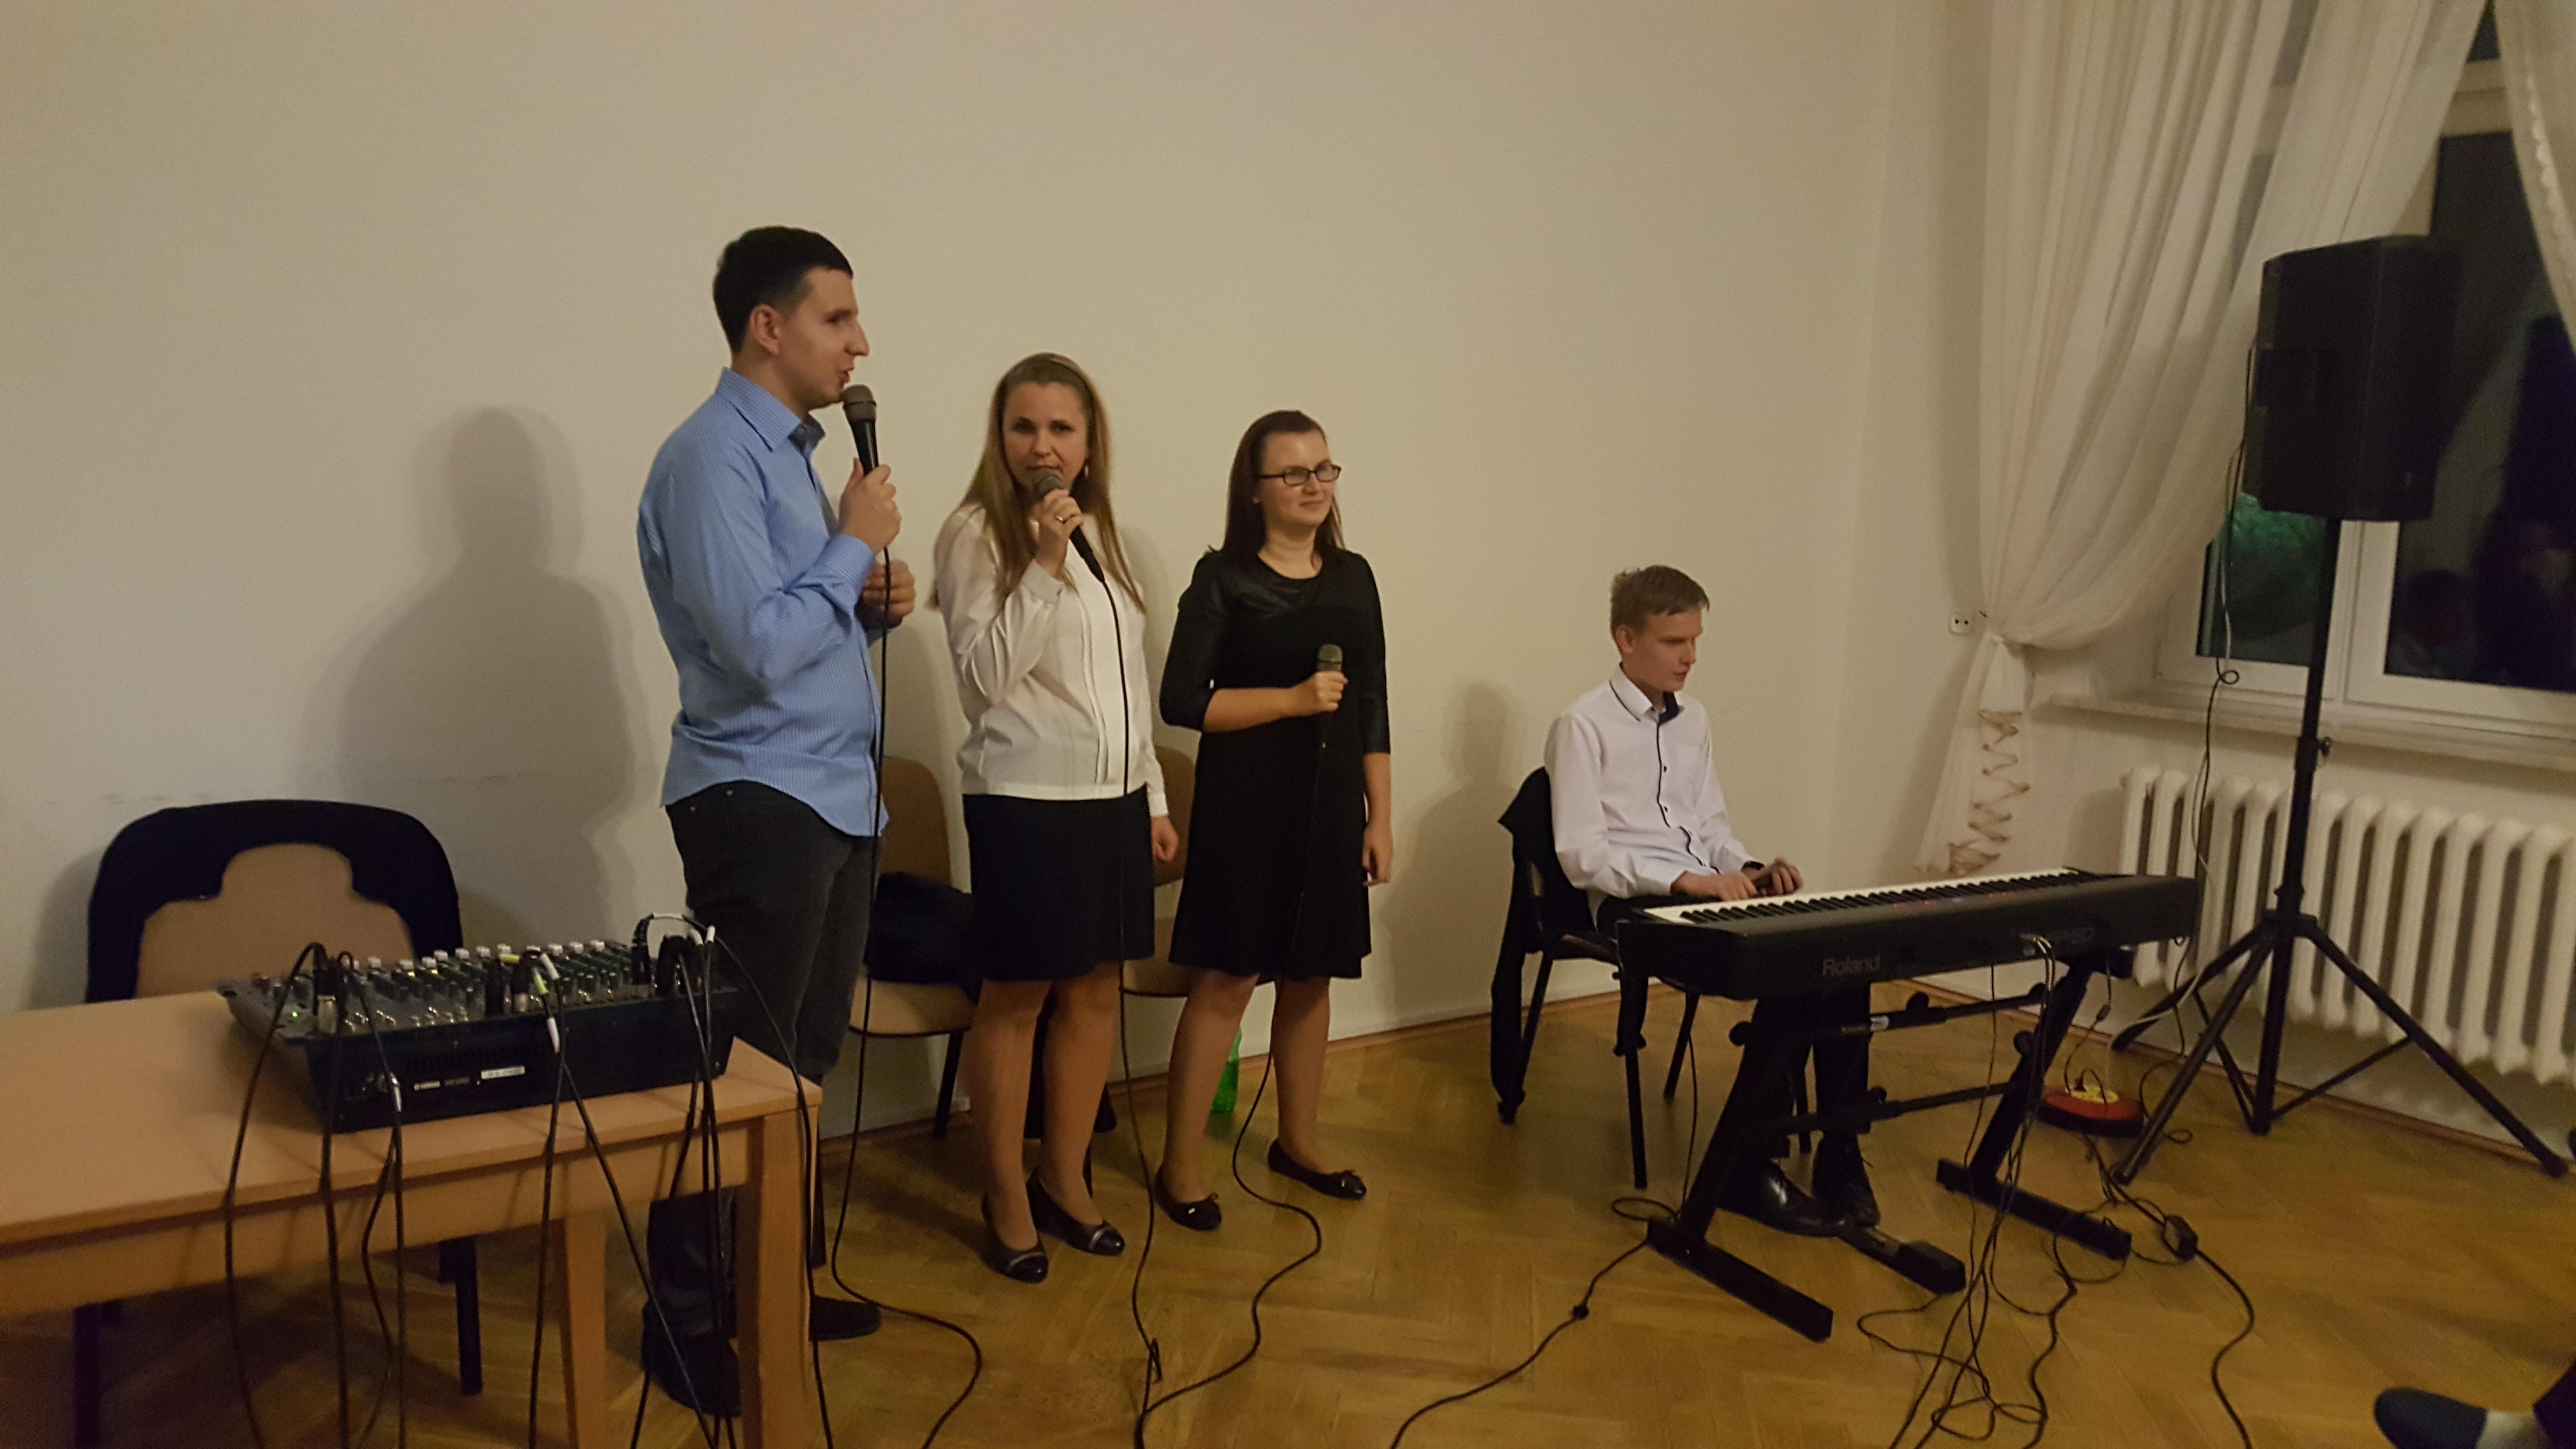 Trzy osoby stoją - jeden mężczyzna i dwie kobiety - w dłoniach trzymają mikrofony. Po ich lewej stronie siedzi mężczyzna, który przed sobą ma klawisze.